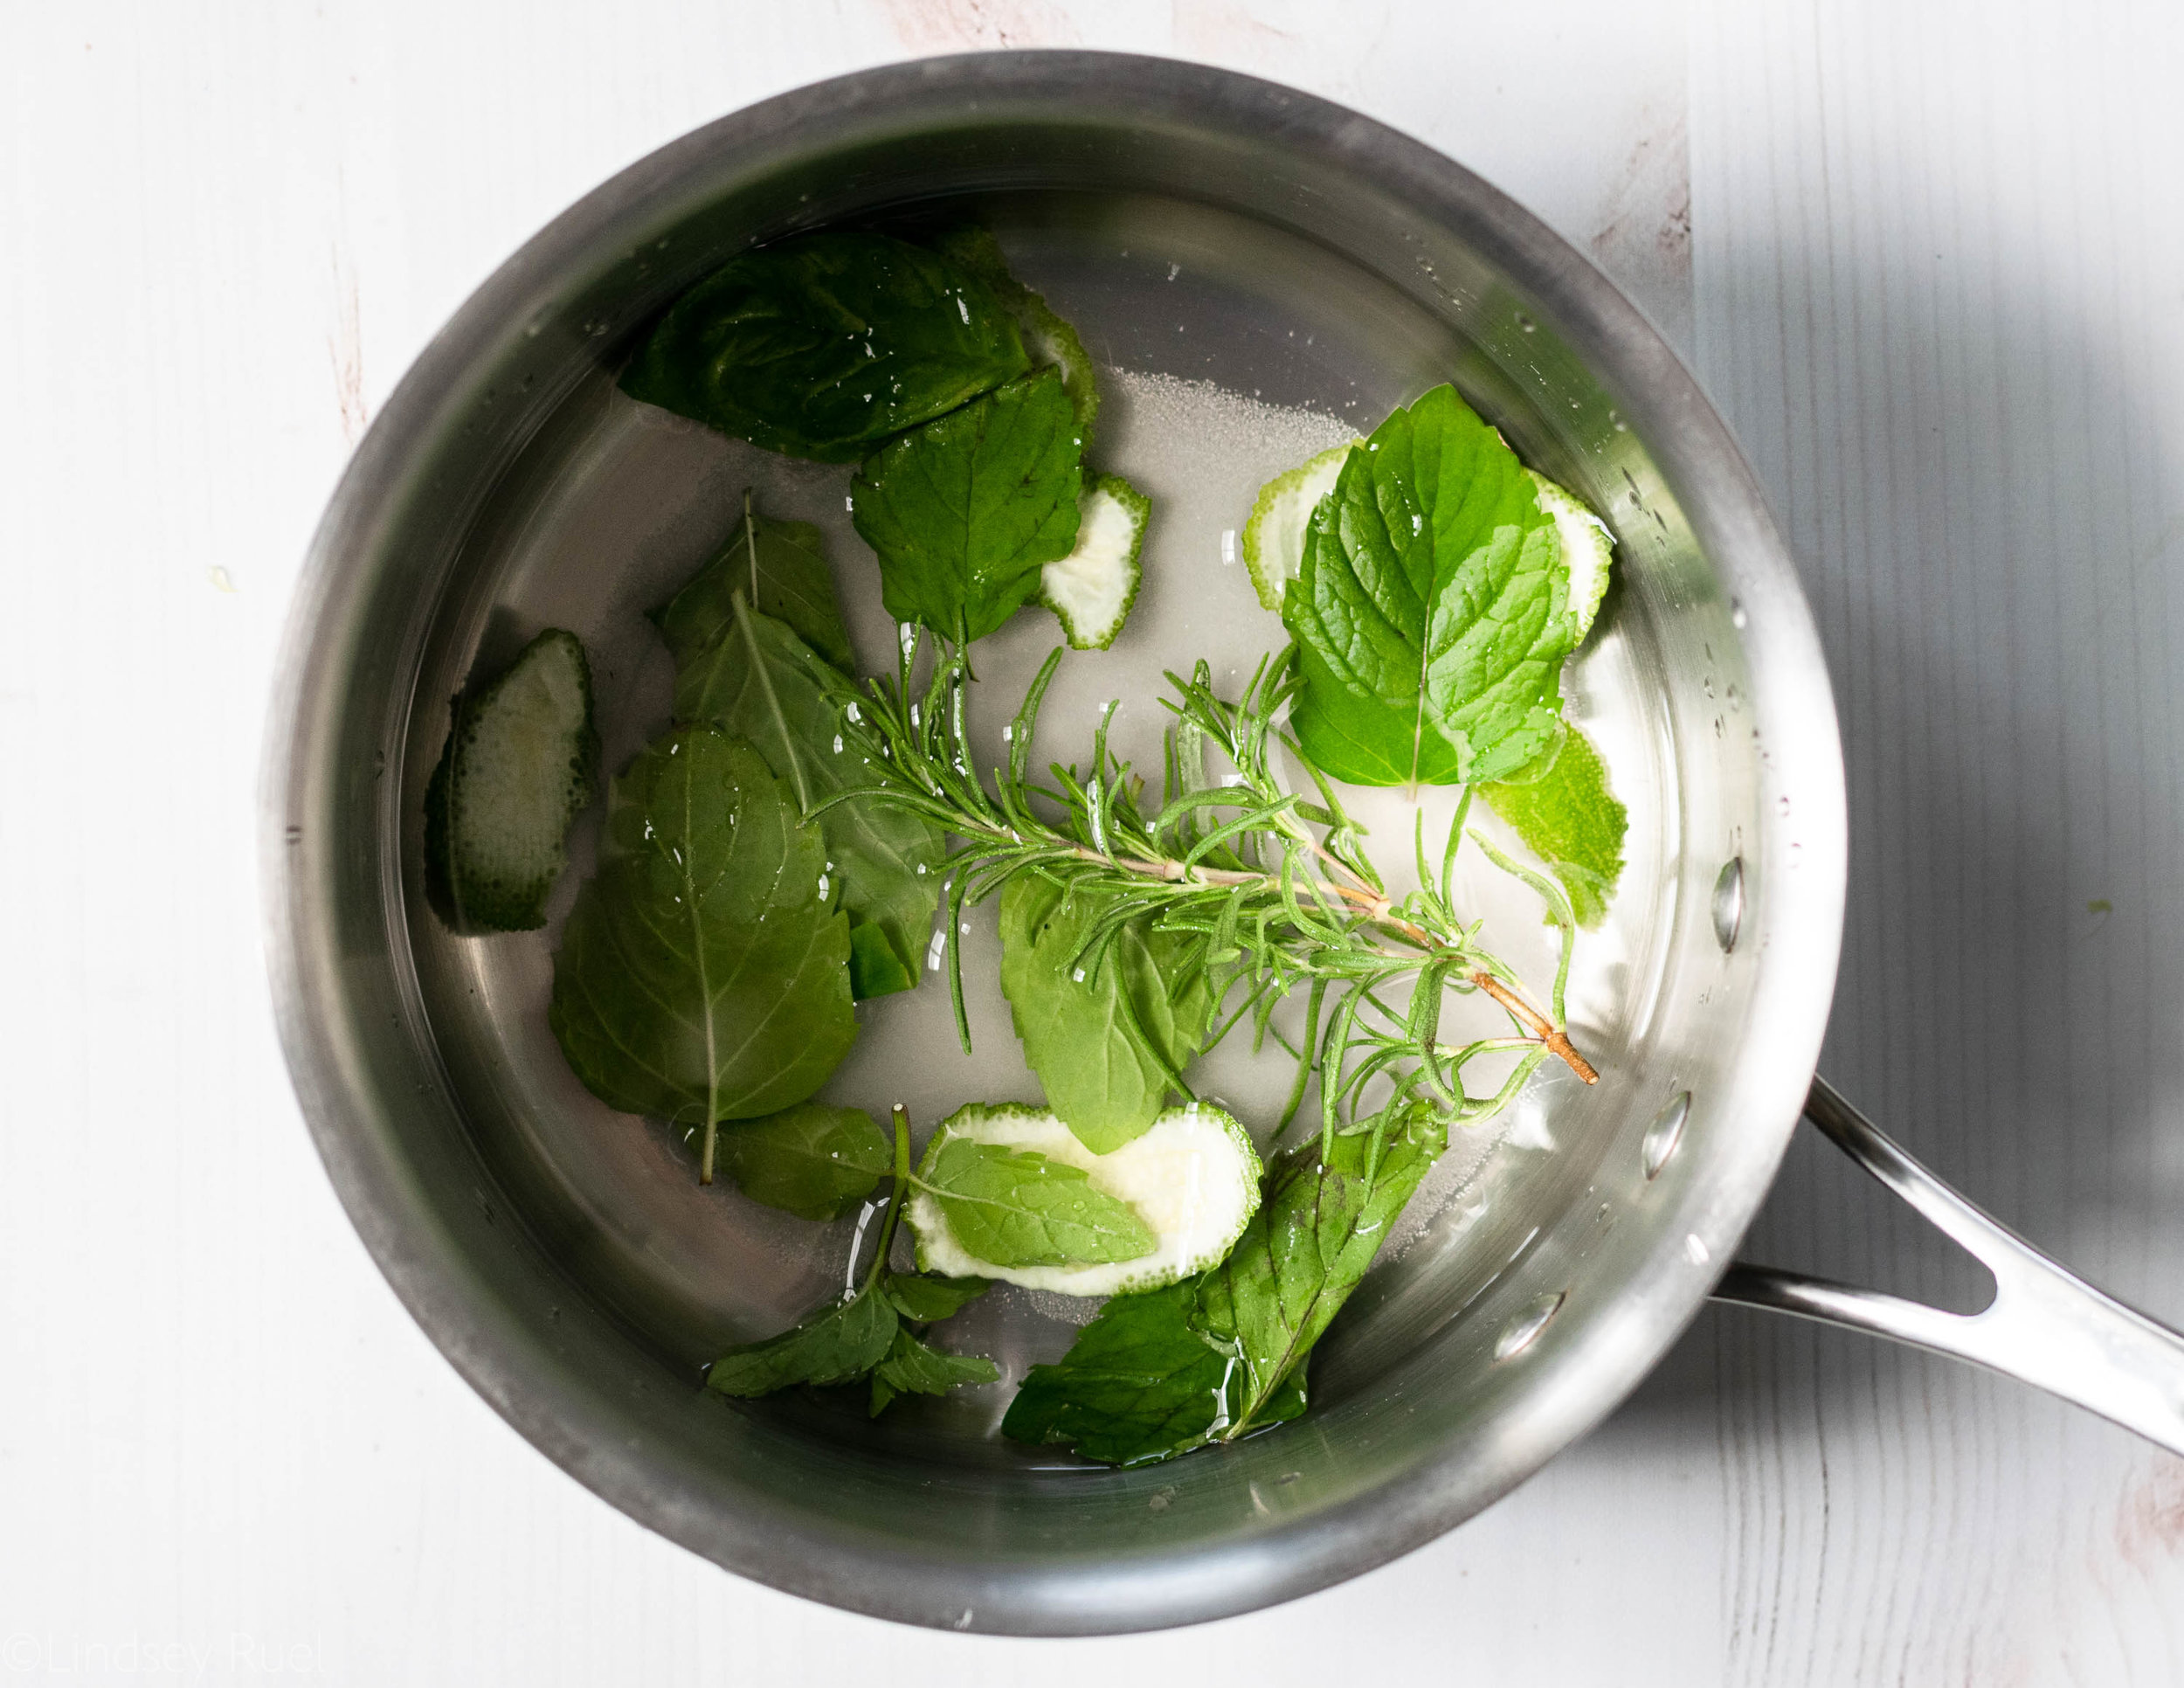 Herbal-Limade-4.jpg